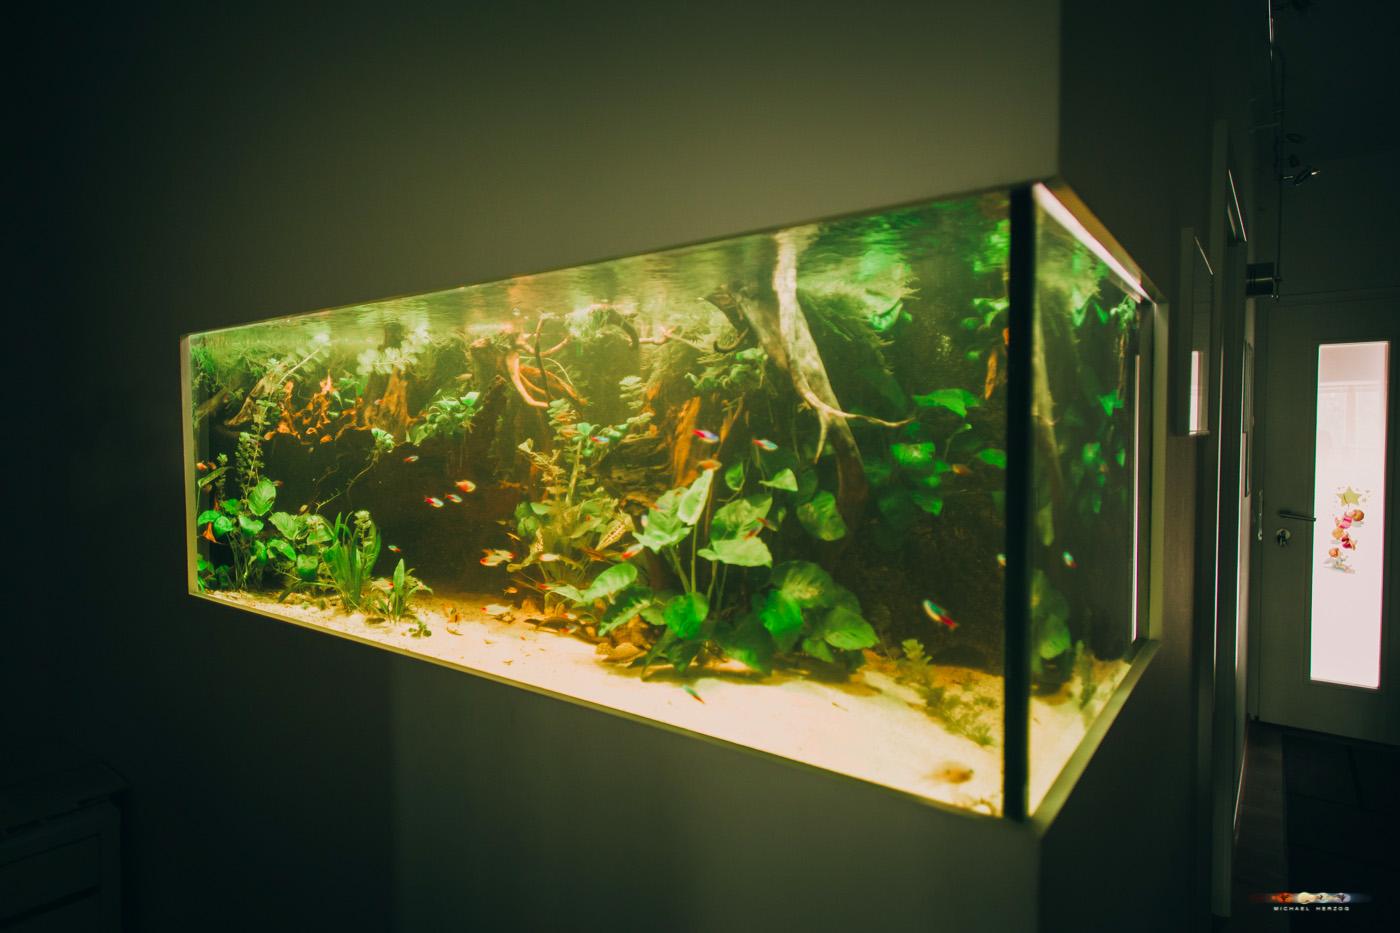 aquarium-3513-2.jpg